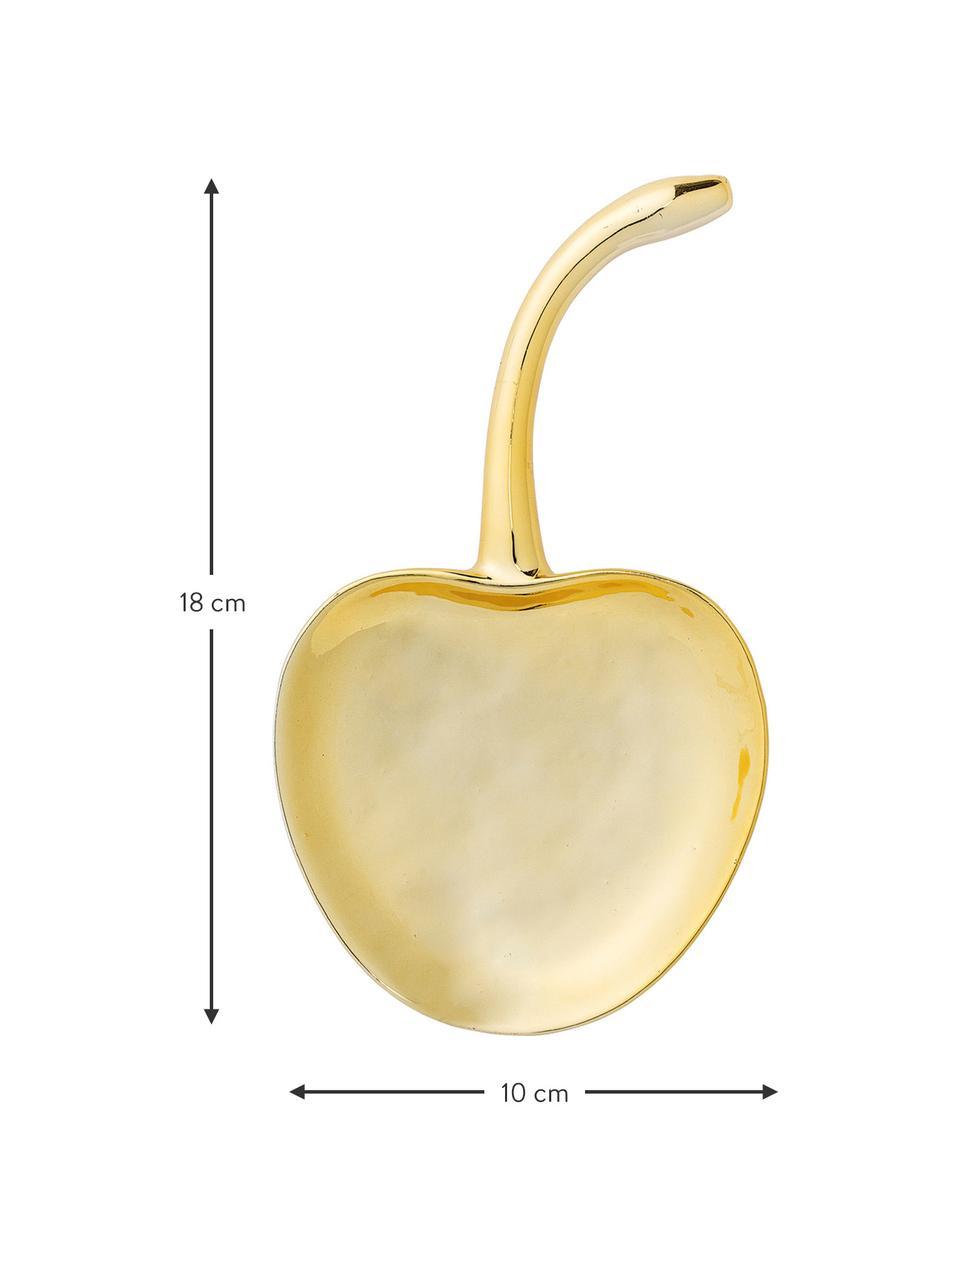 Deko-Schale Cherry, Steingut, Goldfarben, B 18 x T 10 cm